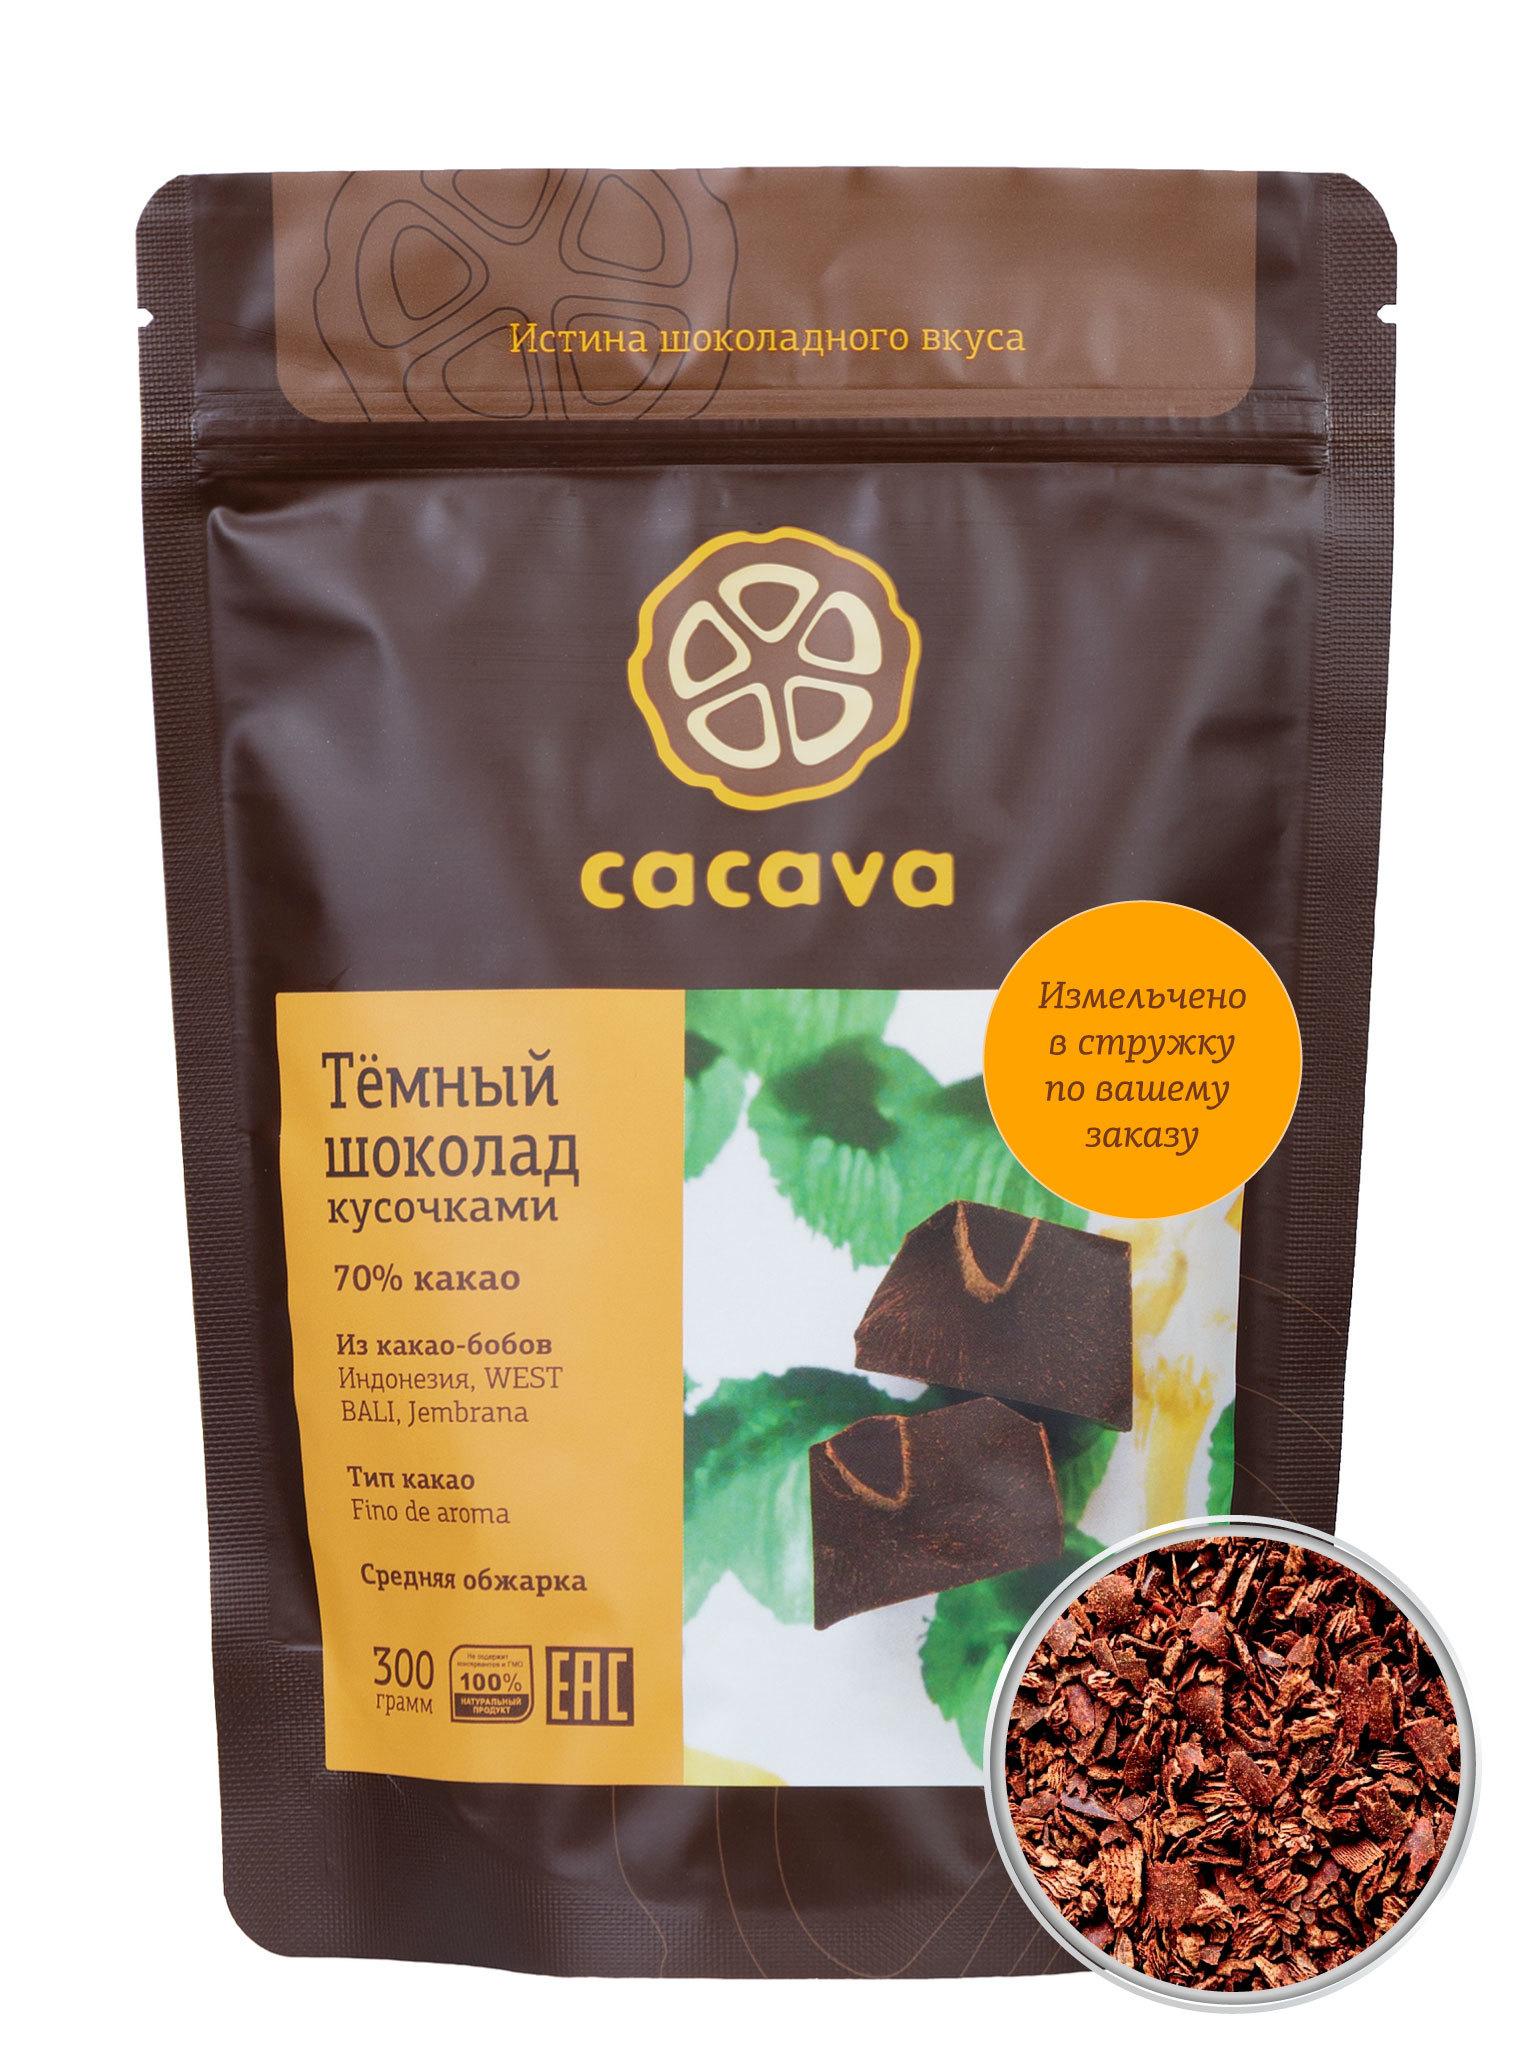 Тёмный шоколад 70 % какао в стружке (Индонезия, WEST BALI, Jembrana), упаковка  300 грамм